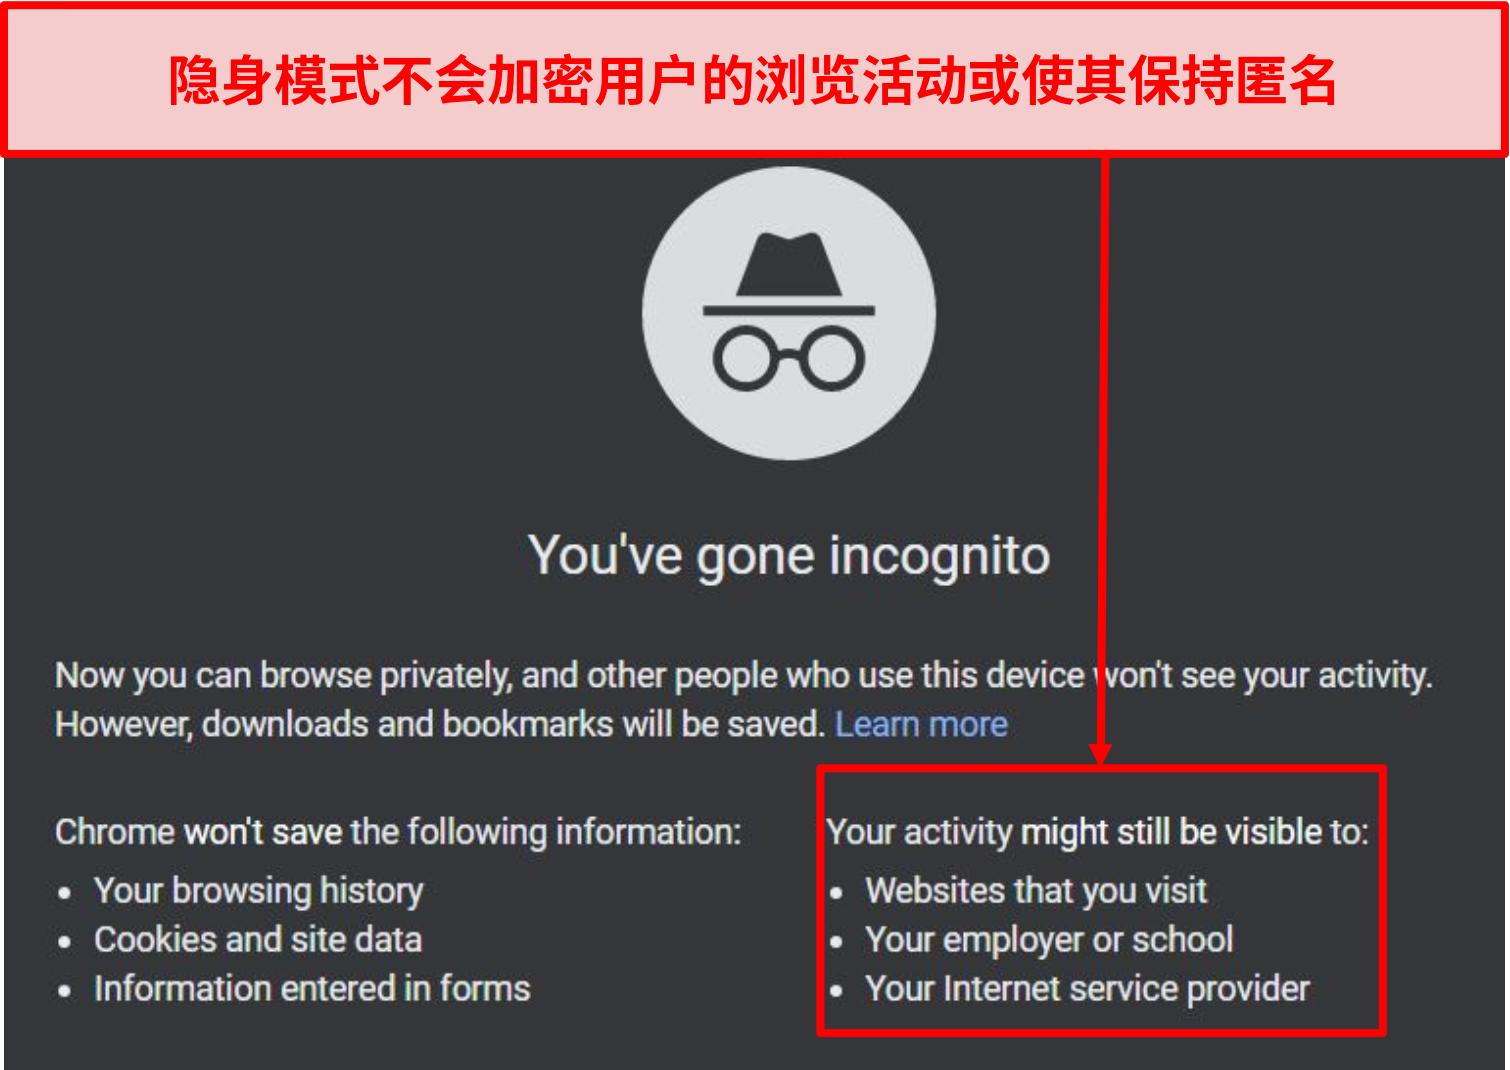 隐身模式通知的屏幕截图。